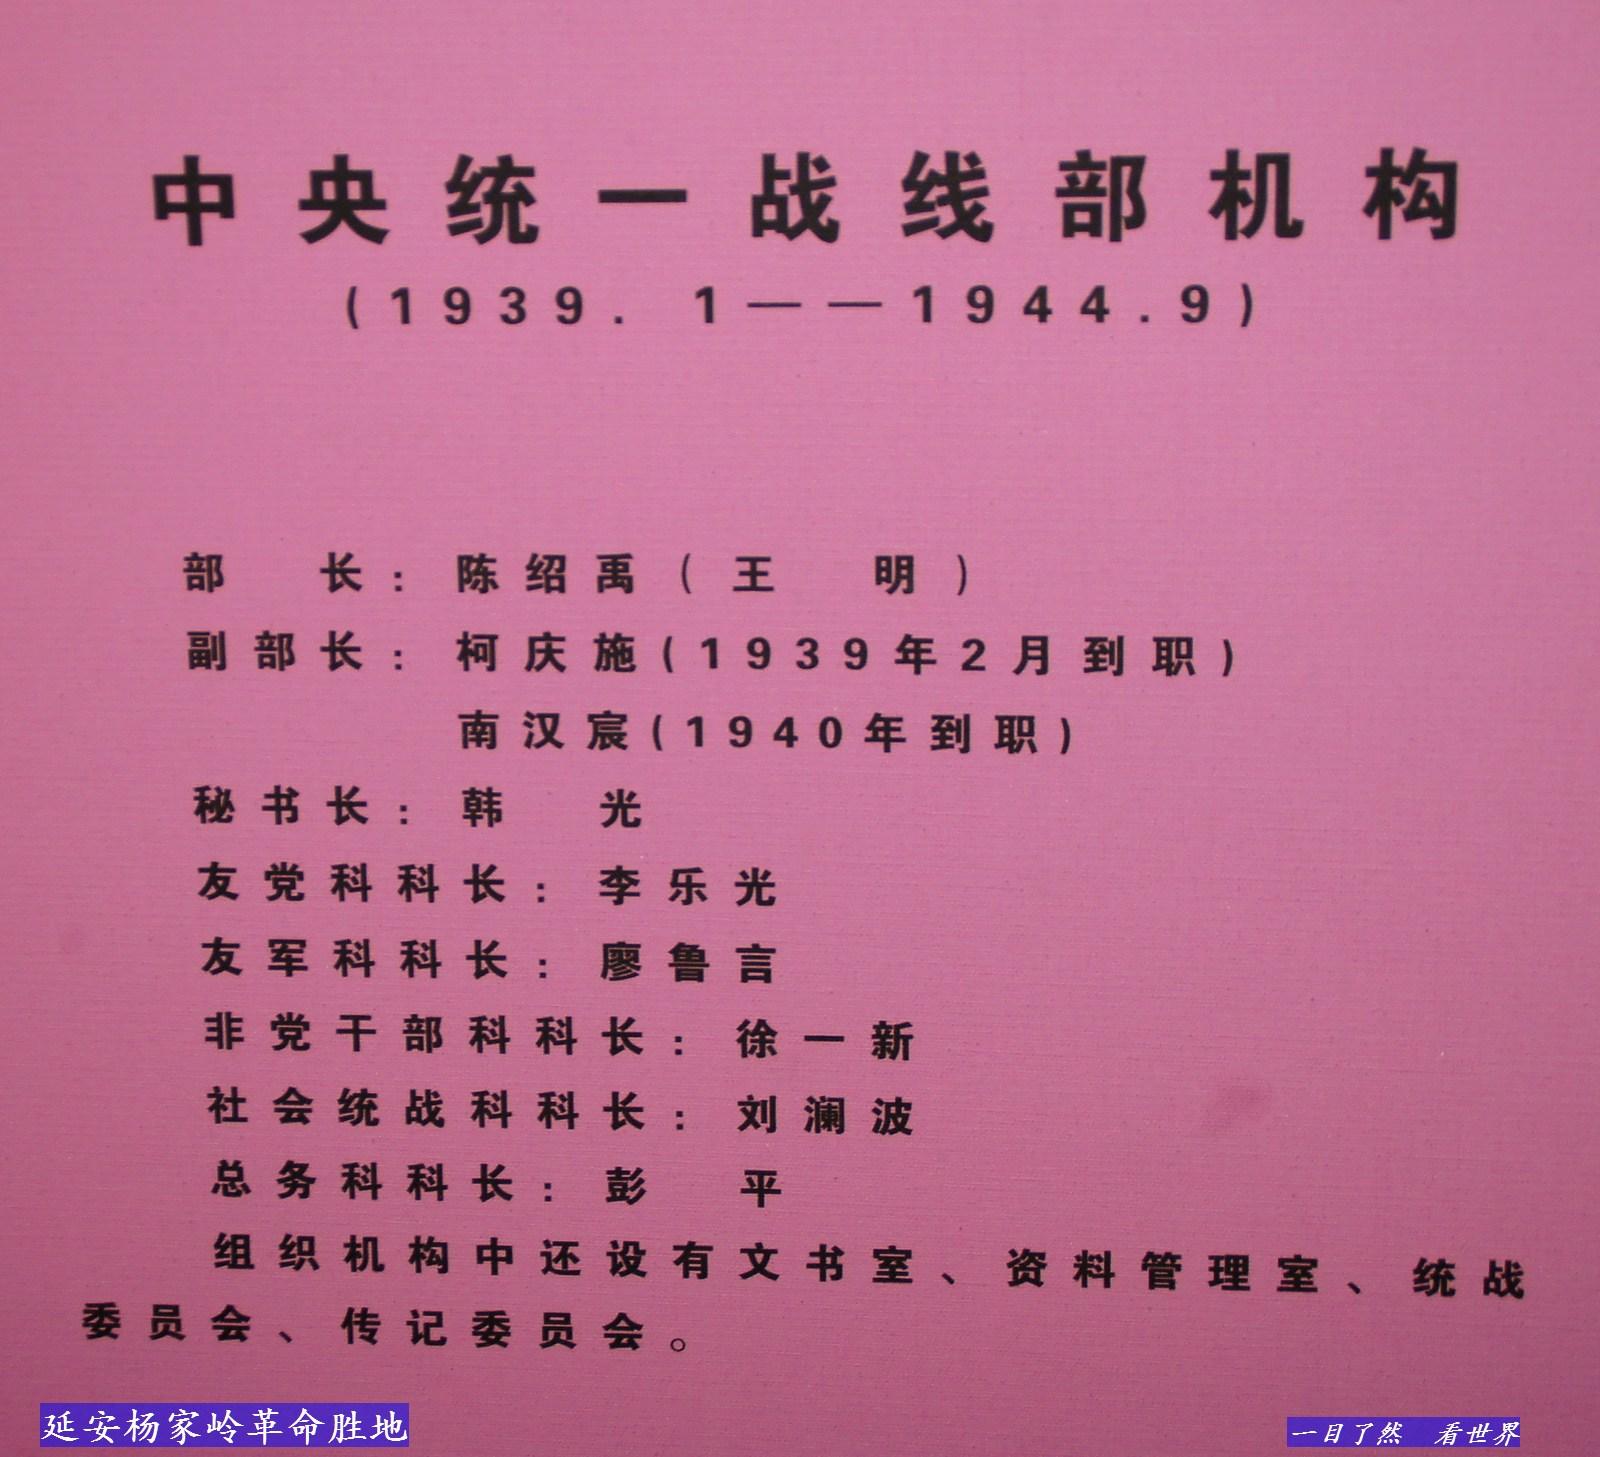 延安杨家岭革命胜地---73-1600.jpg